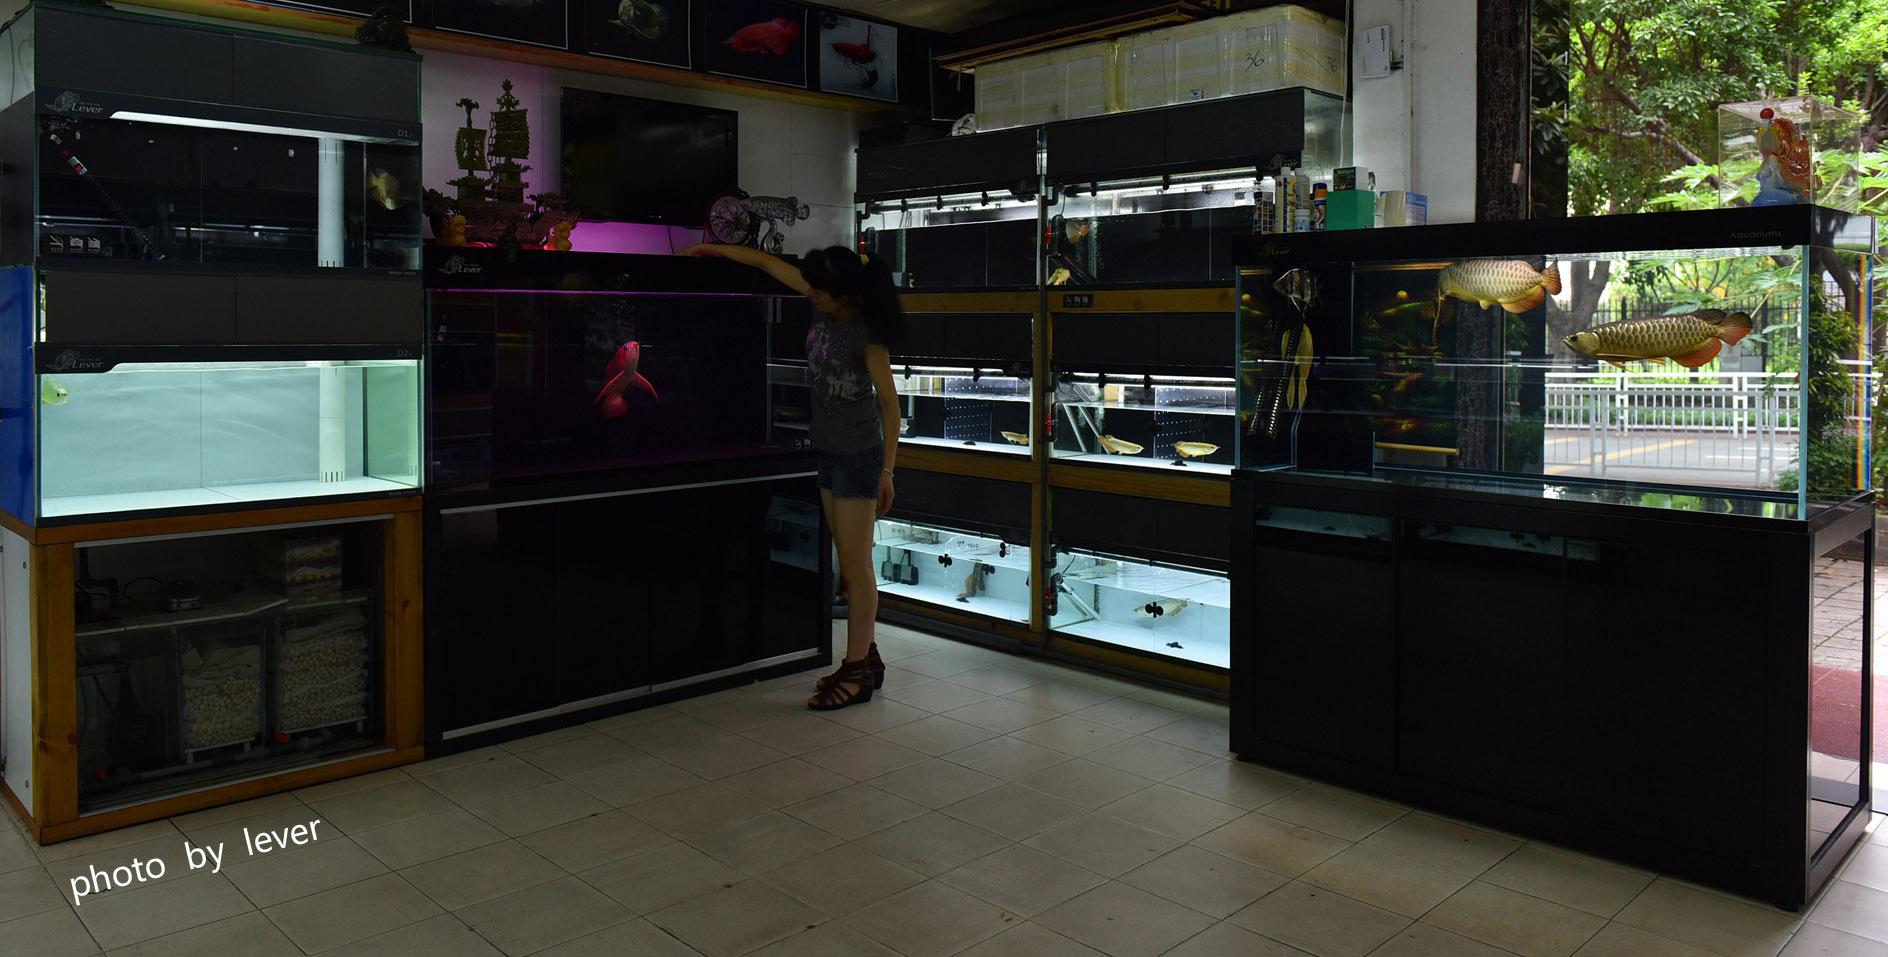 嗨我虽是杂文泰虎但也很多人喜欢我哟 西安观赏鱼信息 西安博特第12张